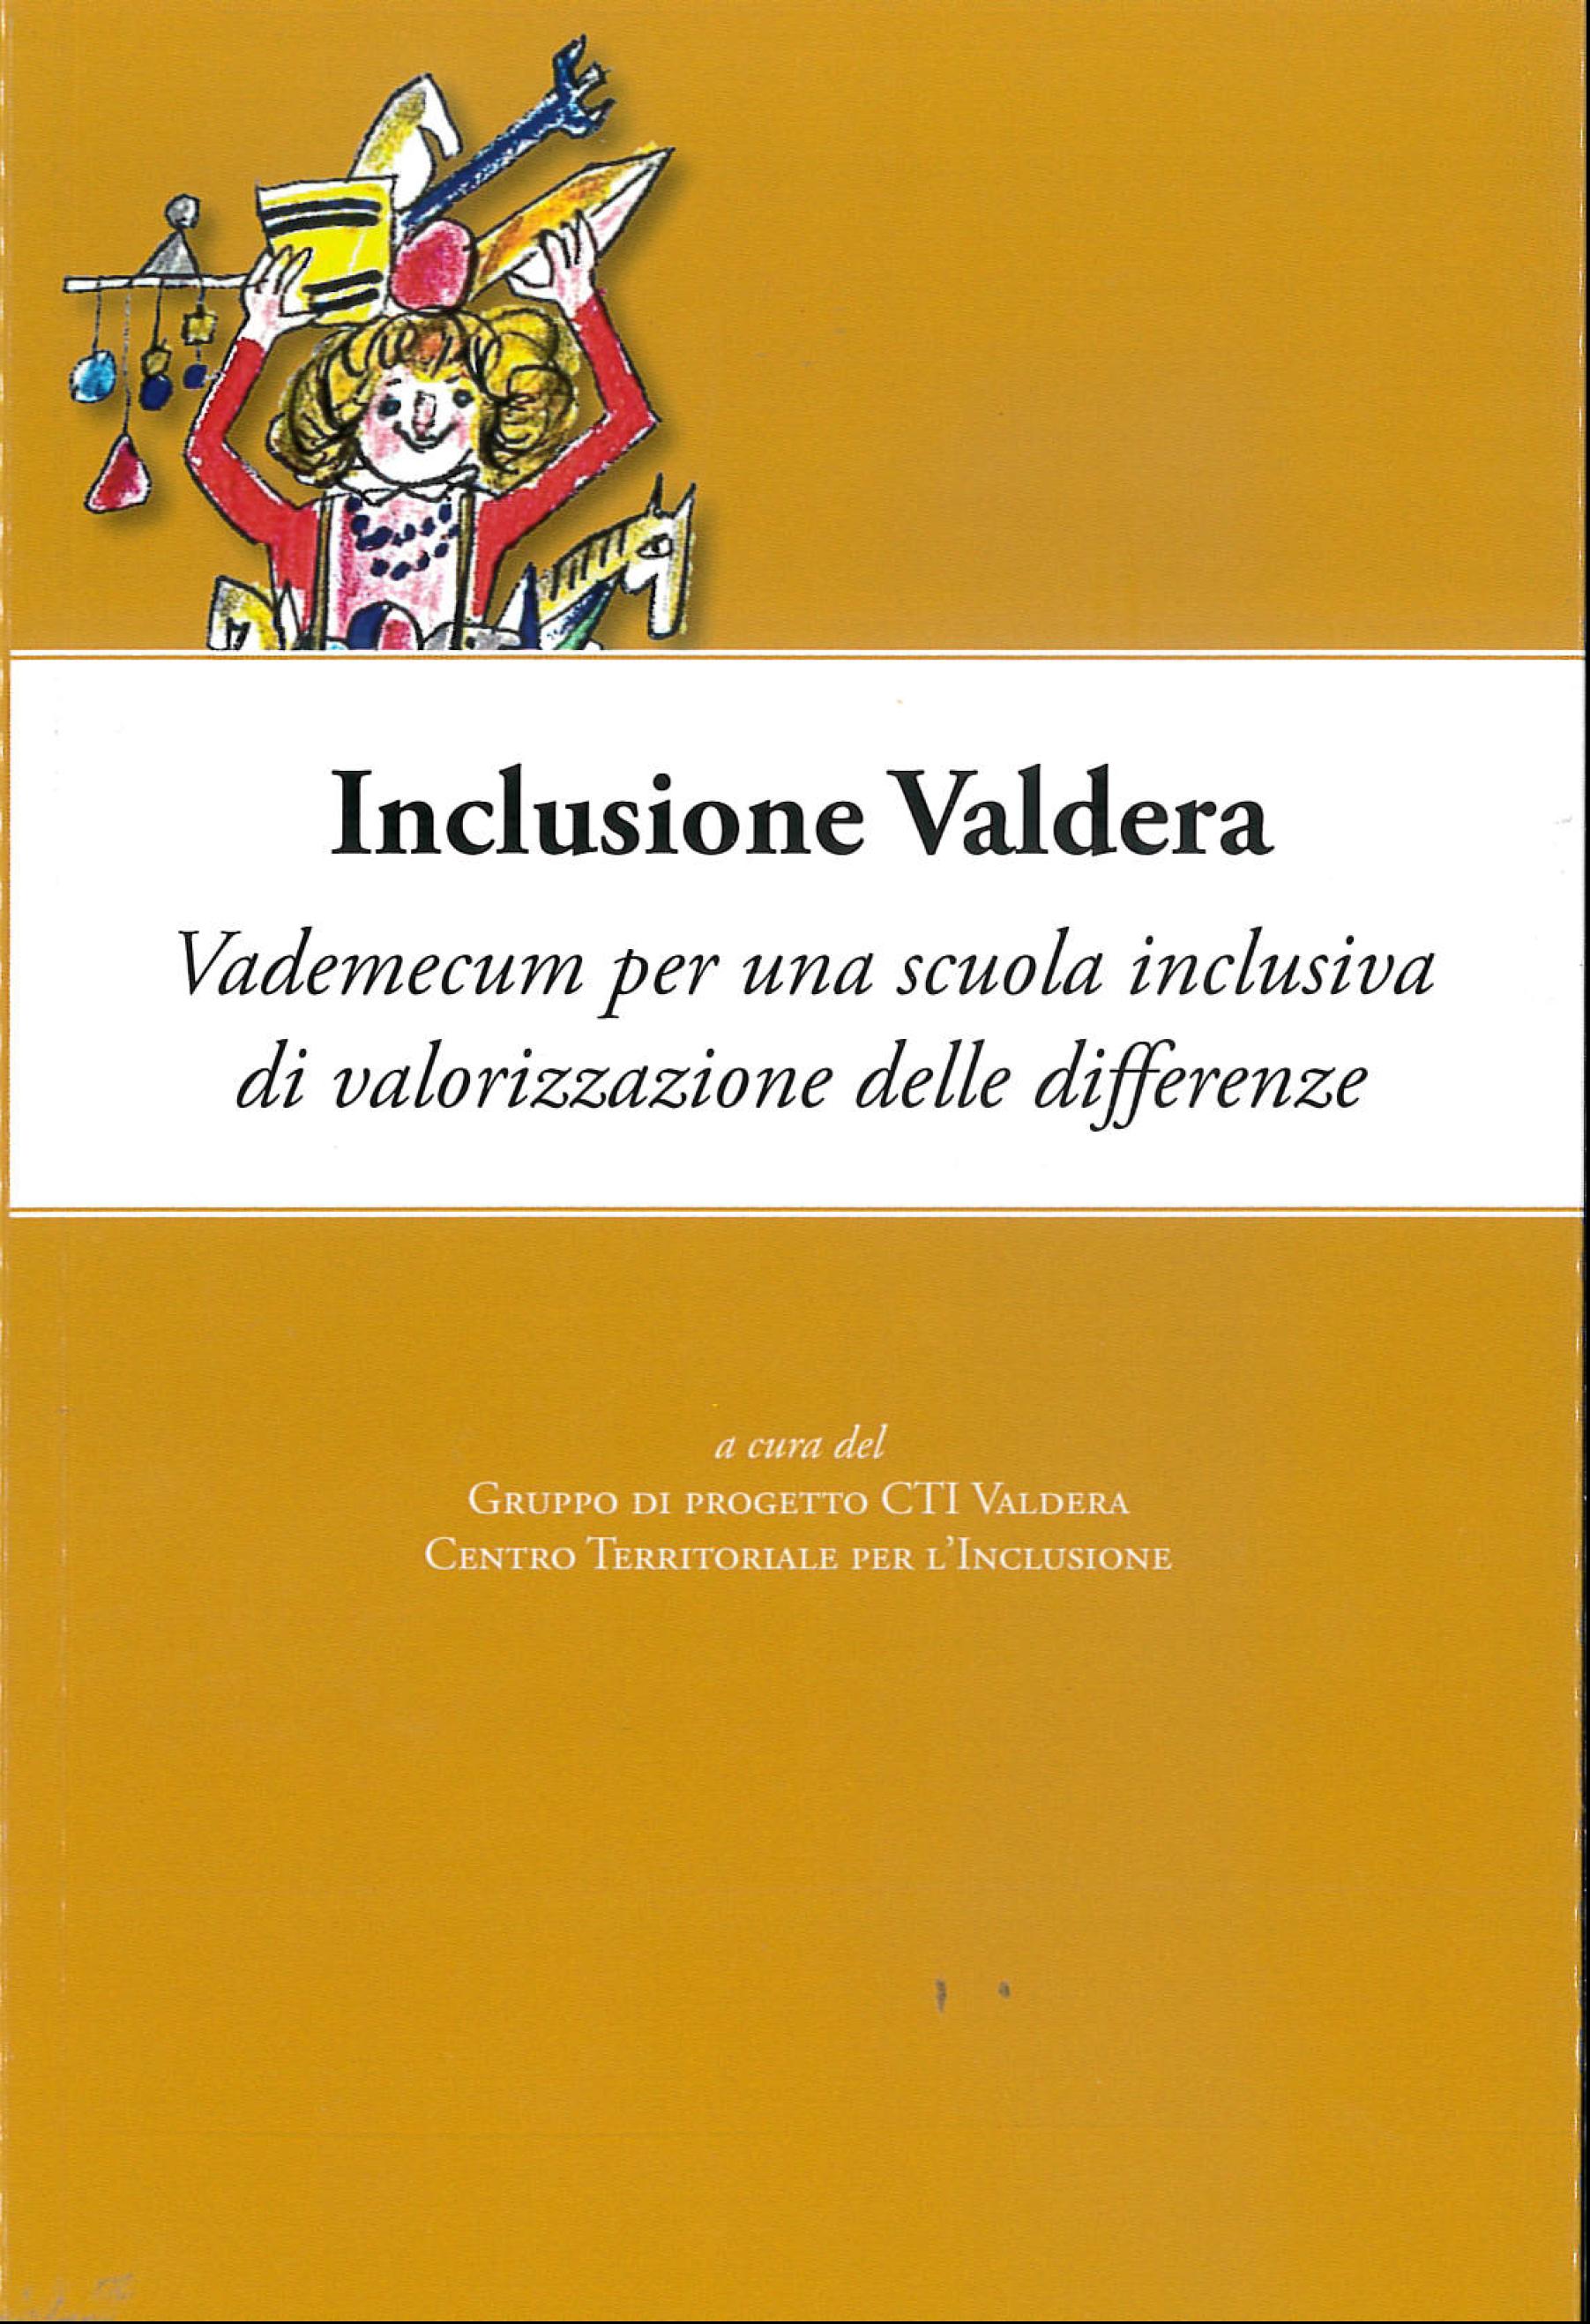 Inclusione Valdera